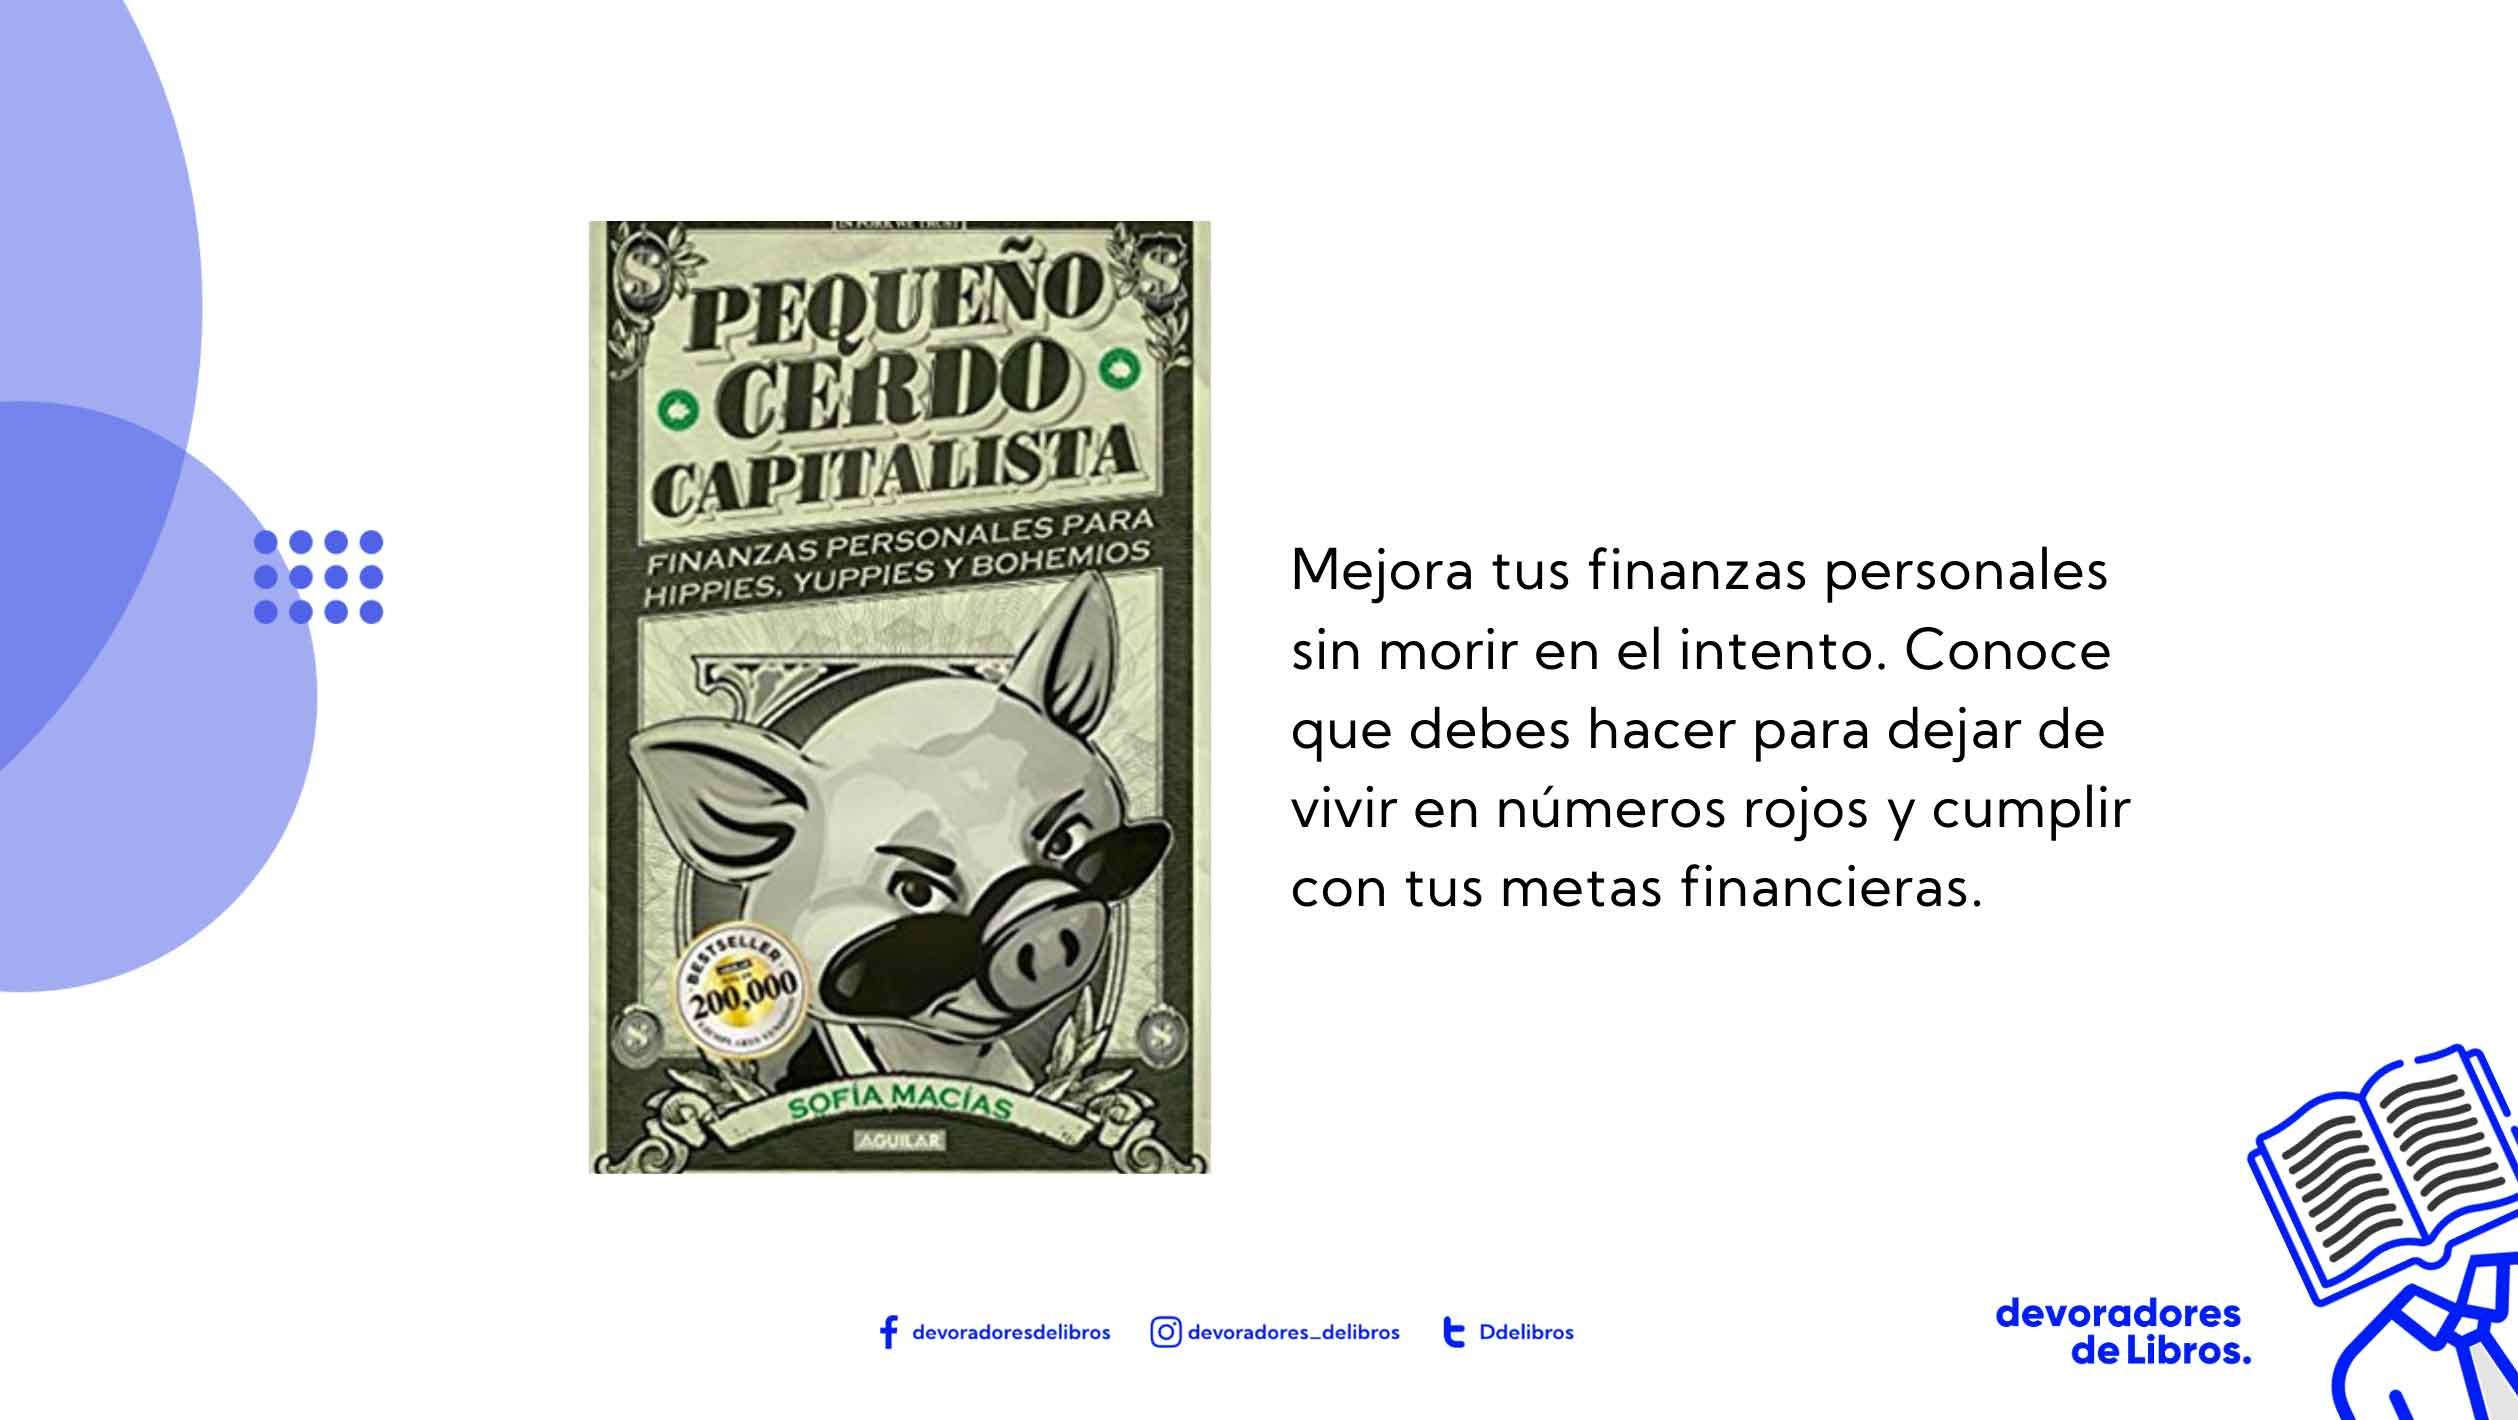 Resumen Pequeño cerdo capitalista de sofia masias